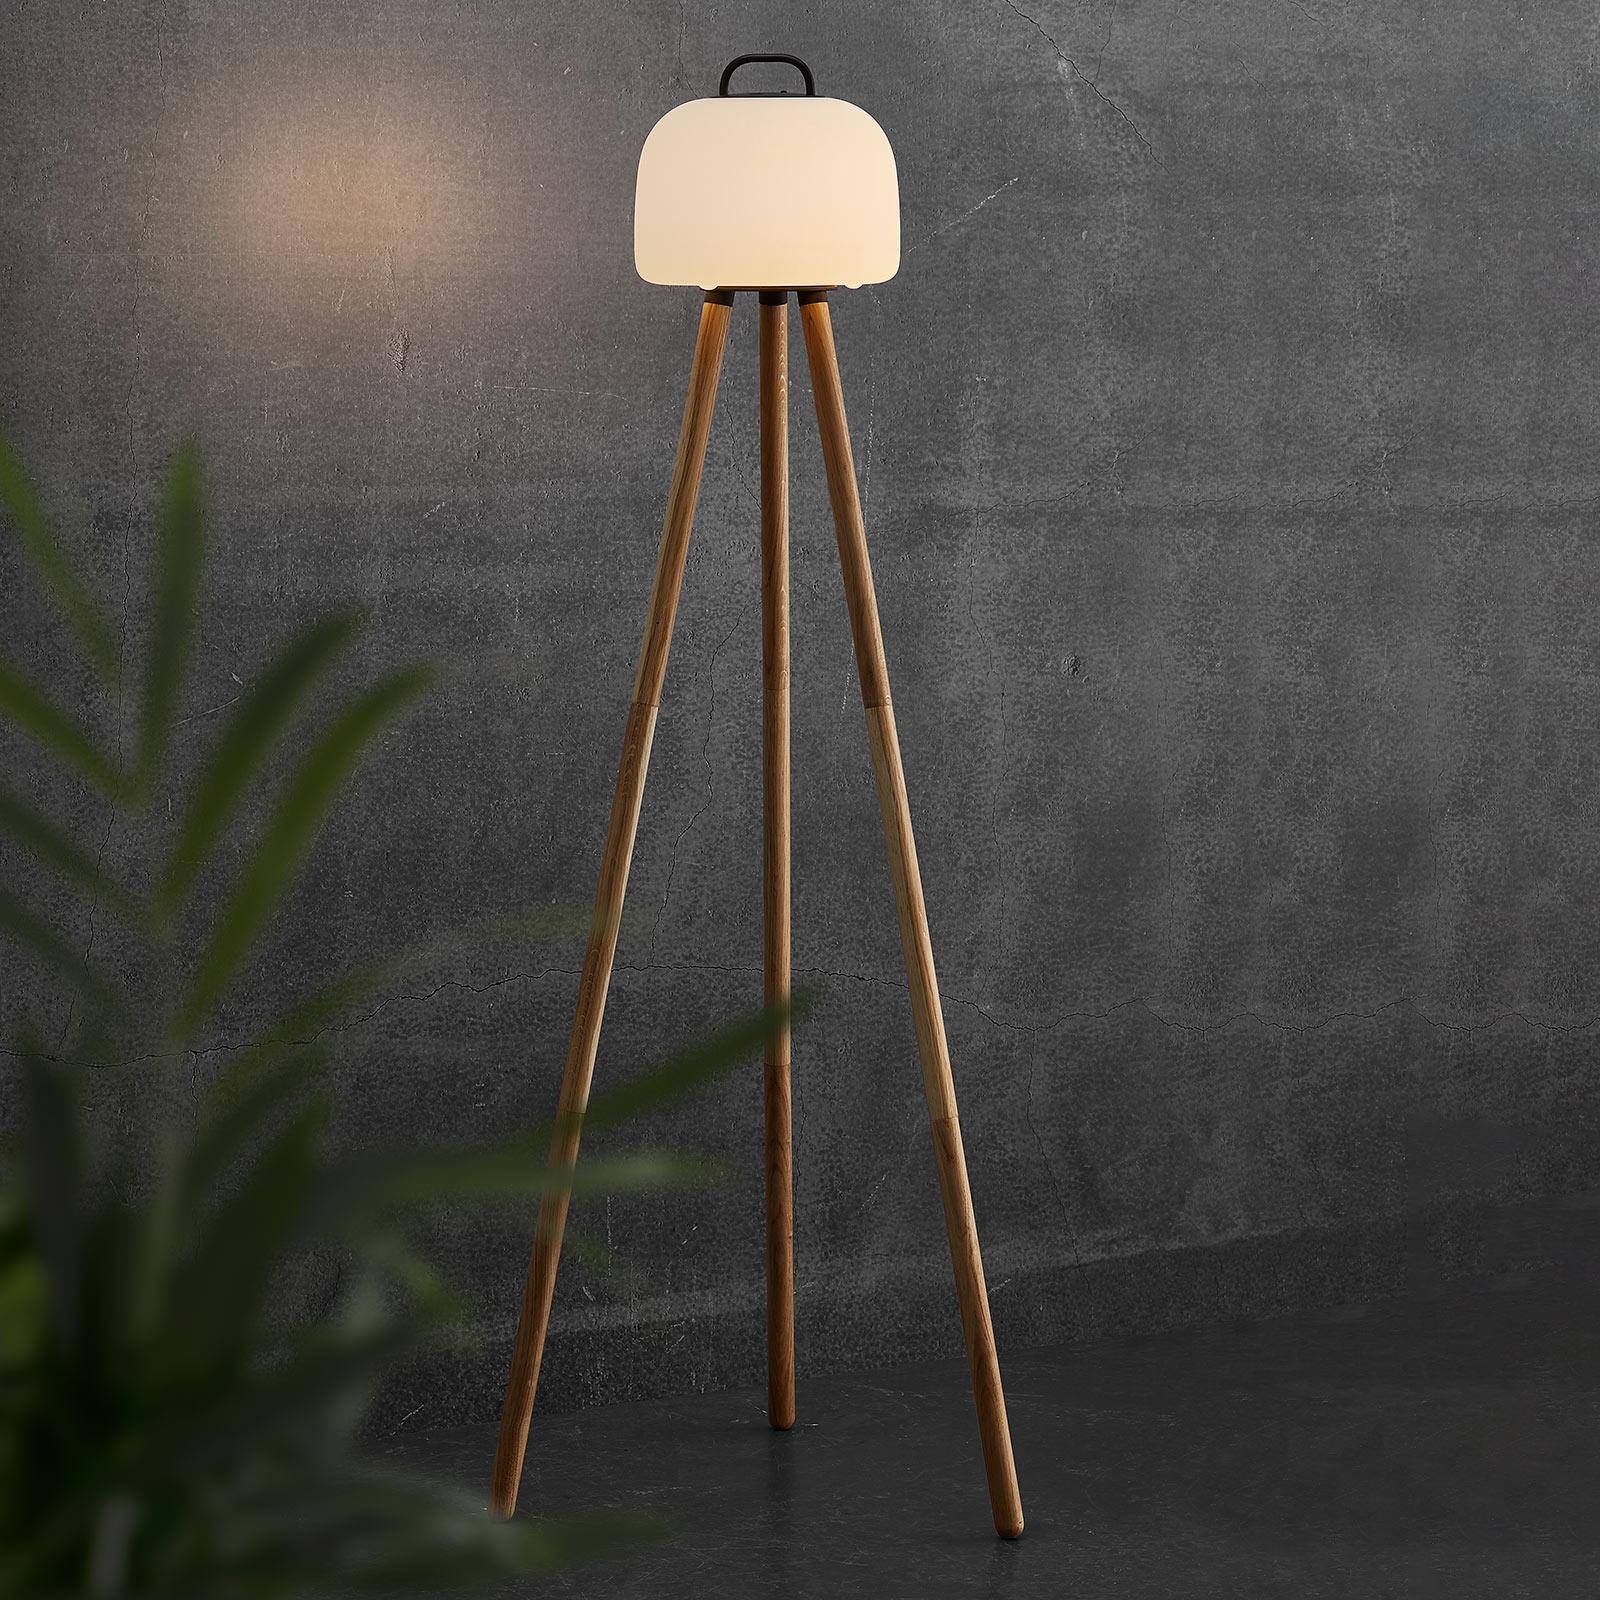 Lampa stojąca LED Kettle trójnóg drewno klosz 22cm